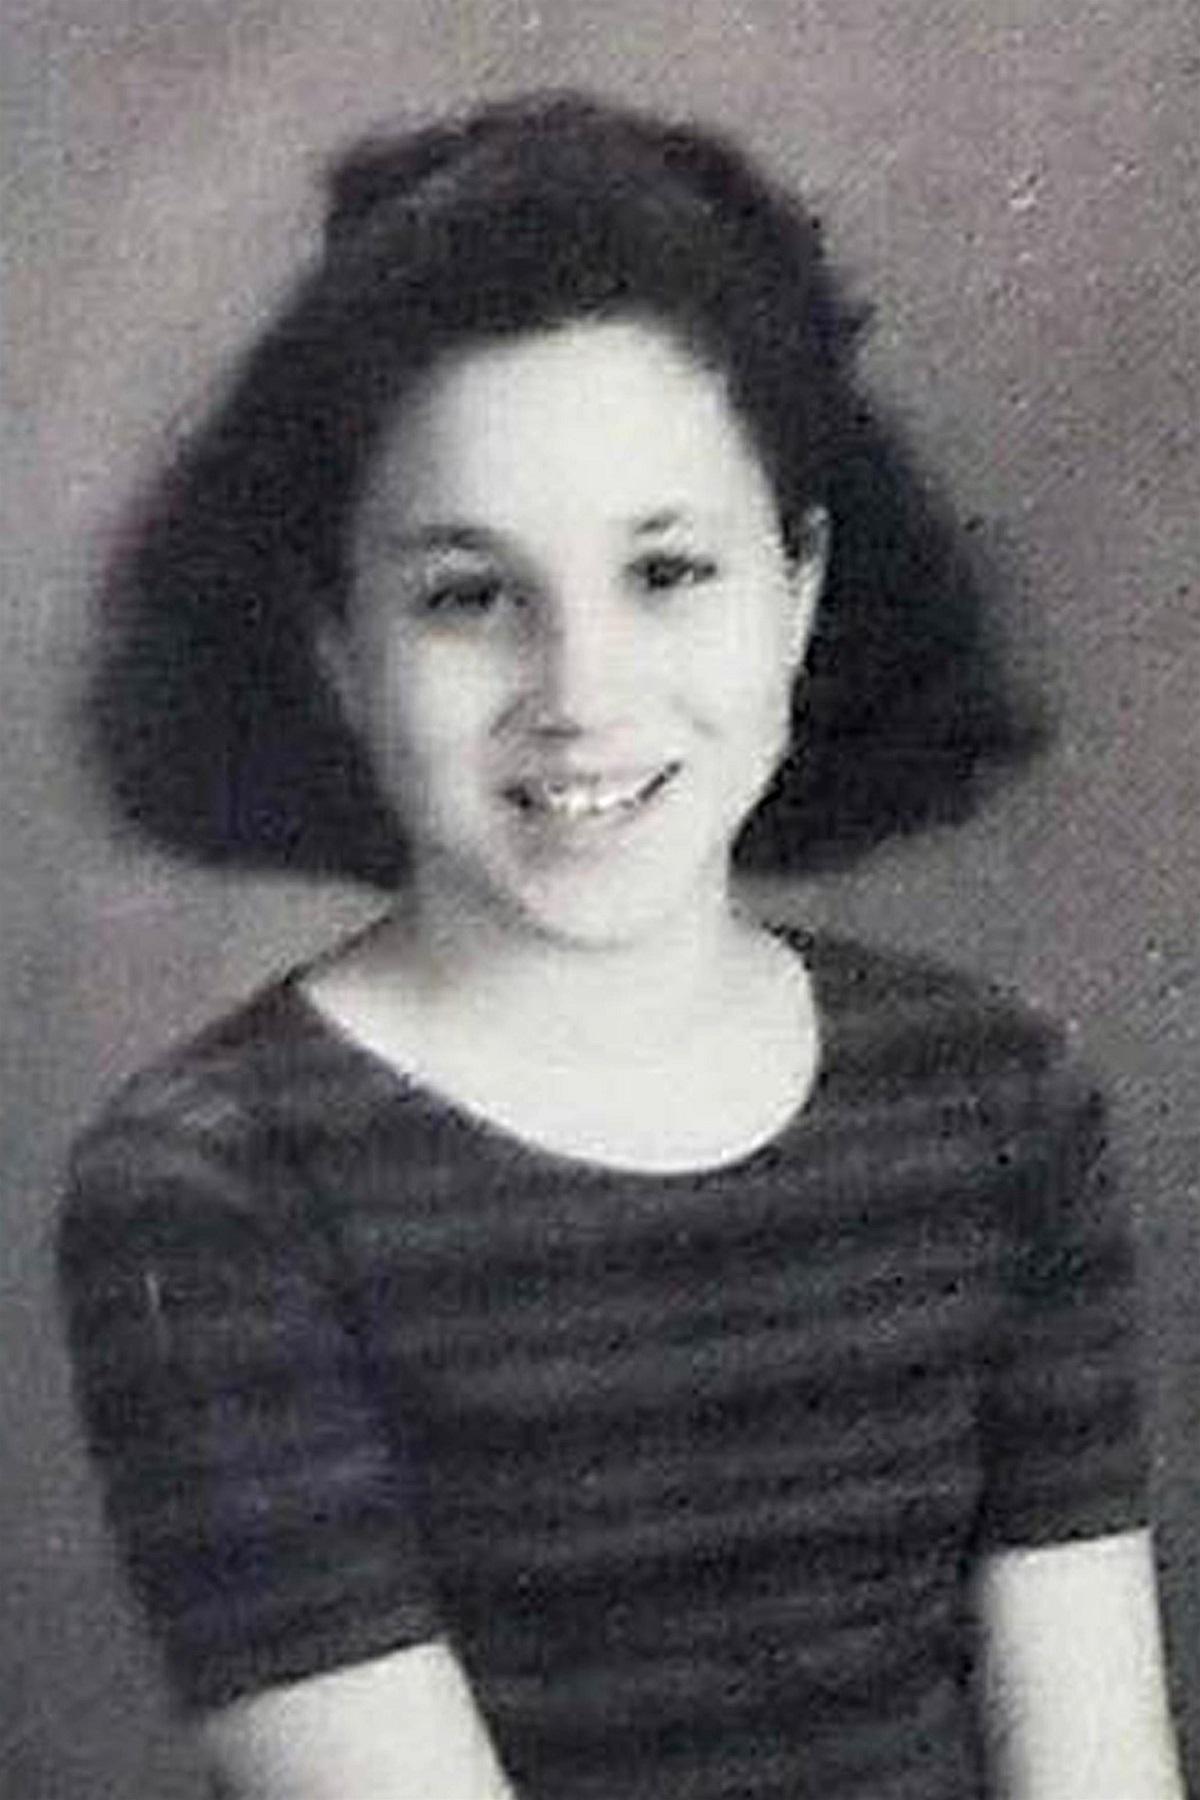 Fotografie alb-negru cu Meghan Markle din albumul de absolvire al școlii catolice la care a învățat